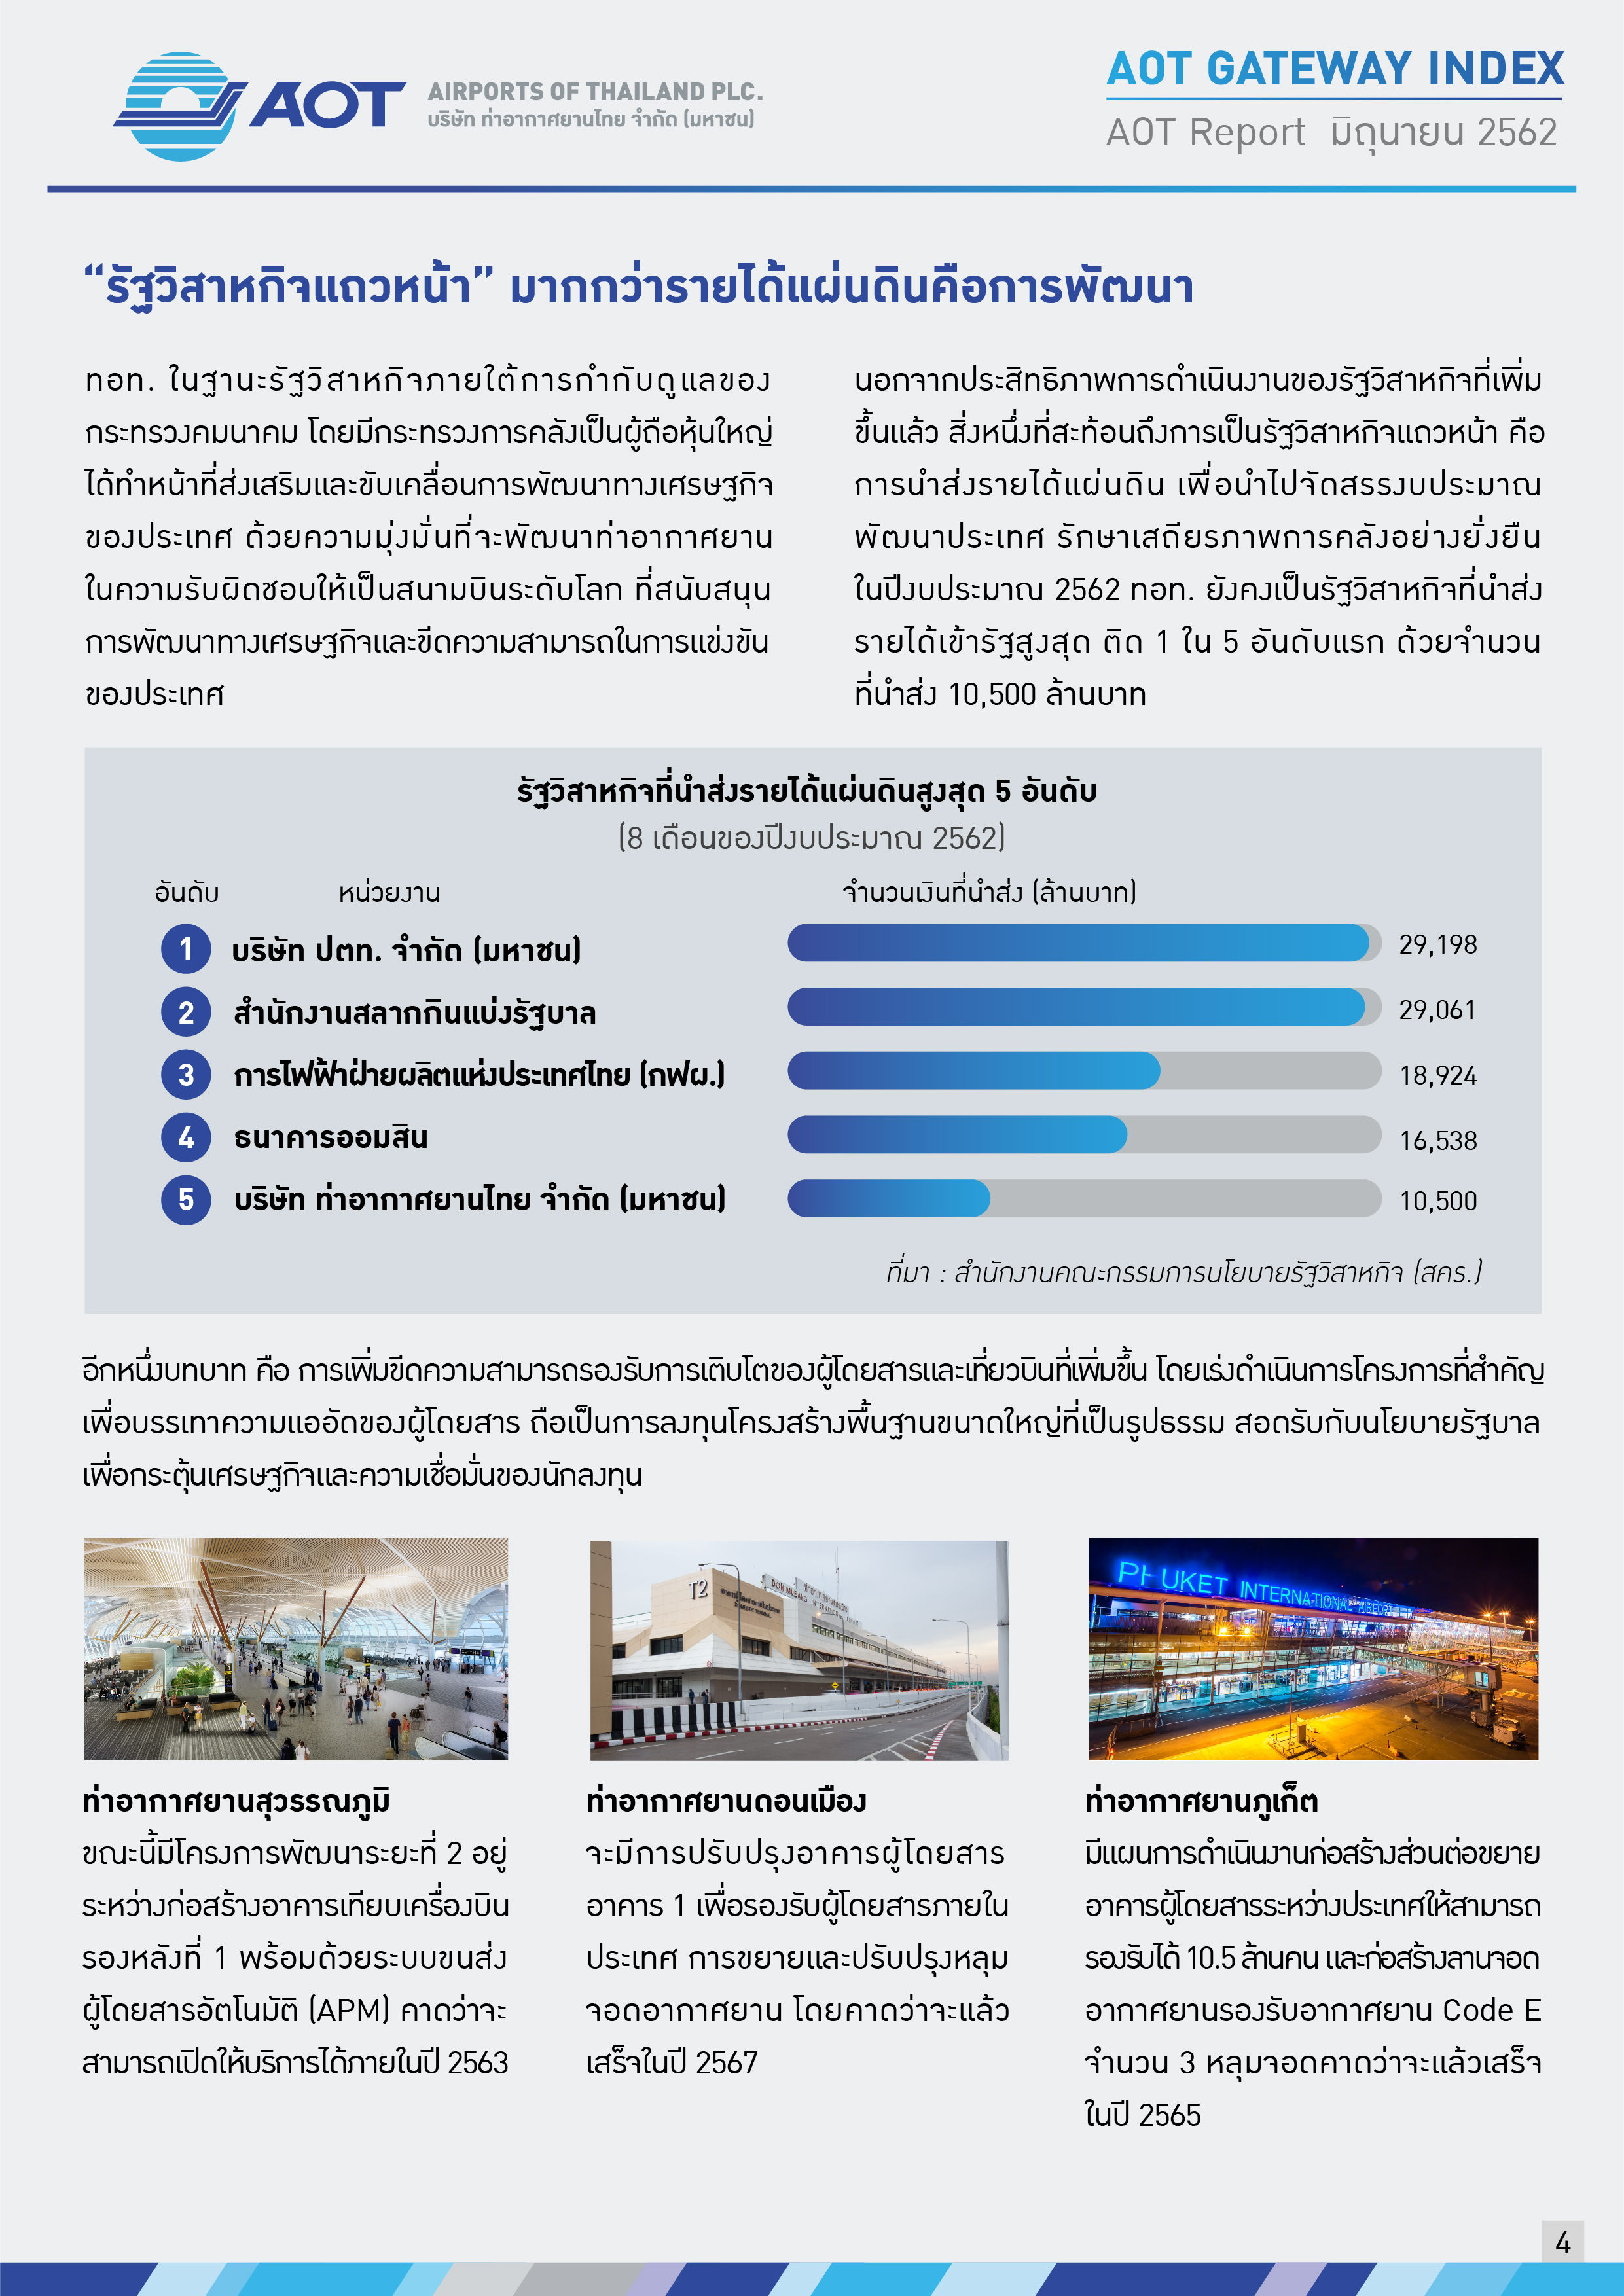 AOTcontent2019_Index7_AOT นิวไฮต่อเนื่อง 4 ปีซ้อน _ มุ่งสู่ปีที่ 5 โอกาสและความท้าทาย_V3_20190828_Page_Page04_v0